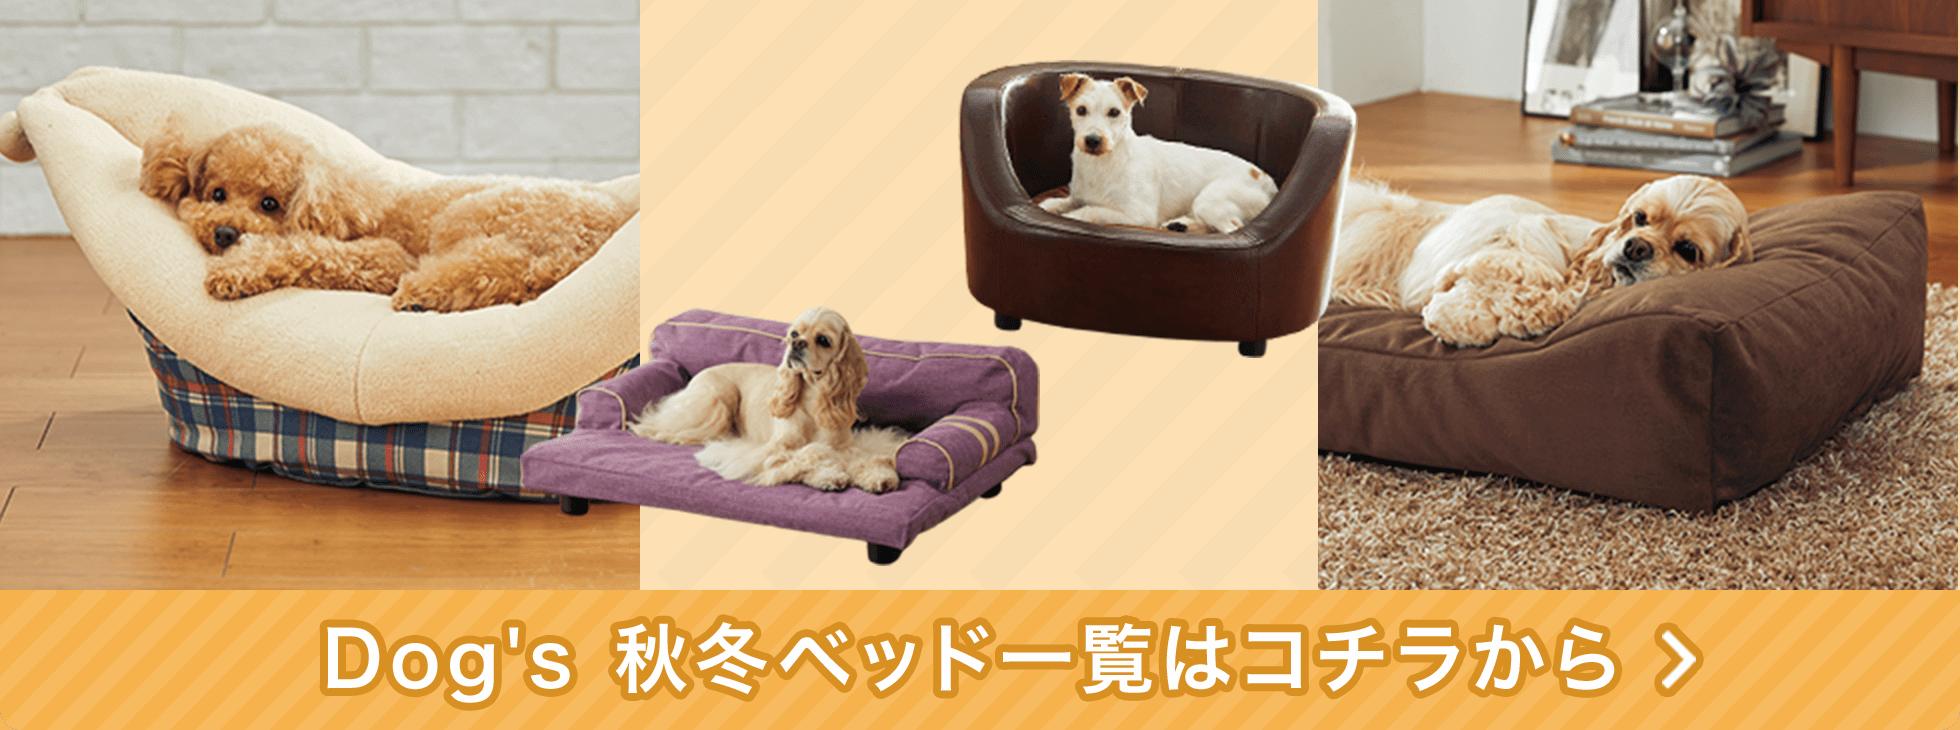 他にも♪愛犬が喜ぶ幸せベッドがいっぱい!